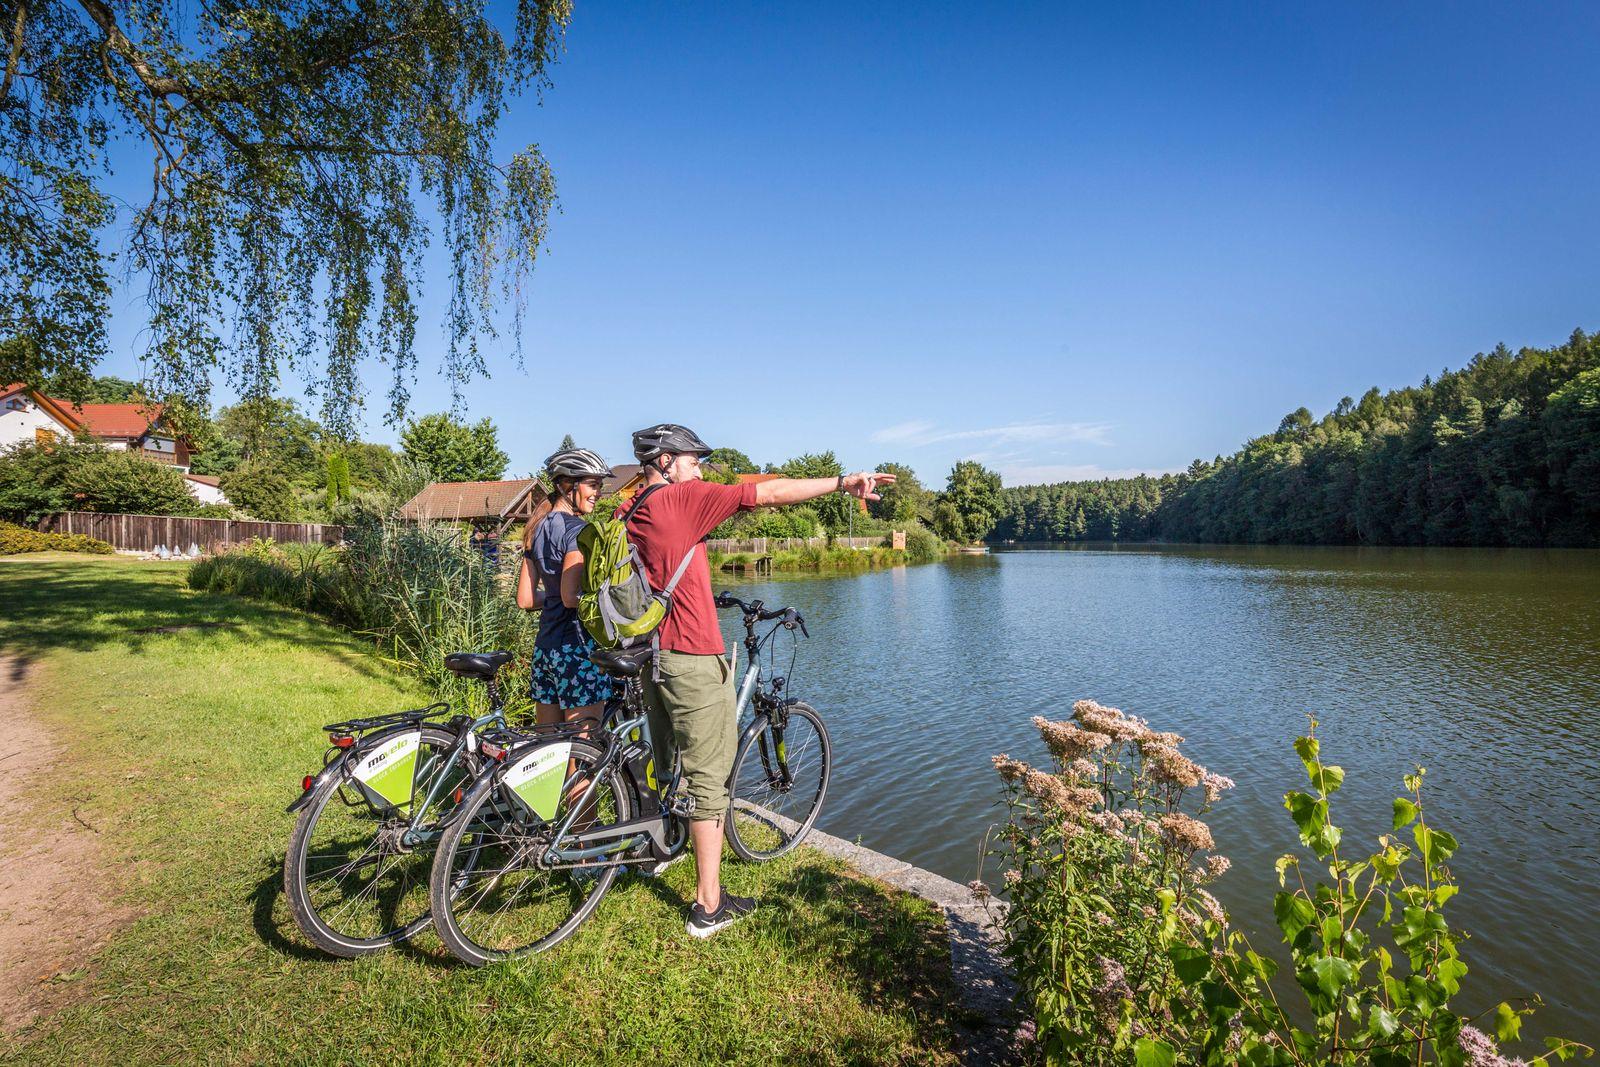 Tourismuszentrum Oberpfälzer Wald_Erlebniswelt Wasserwelten_Radler am Hammersee in Bodenwöhr